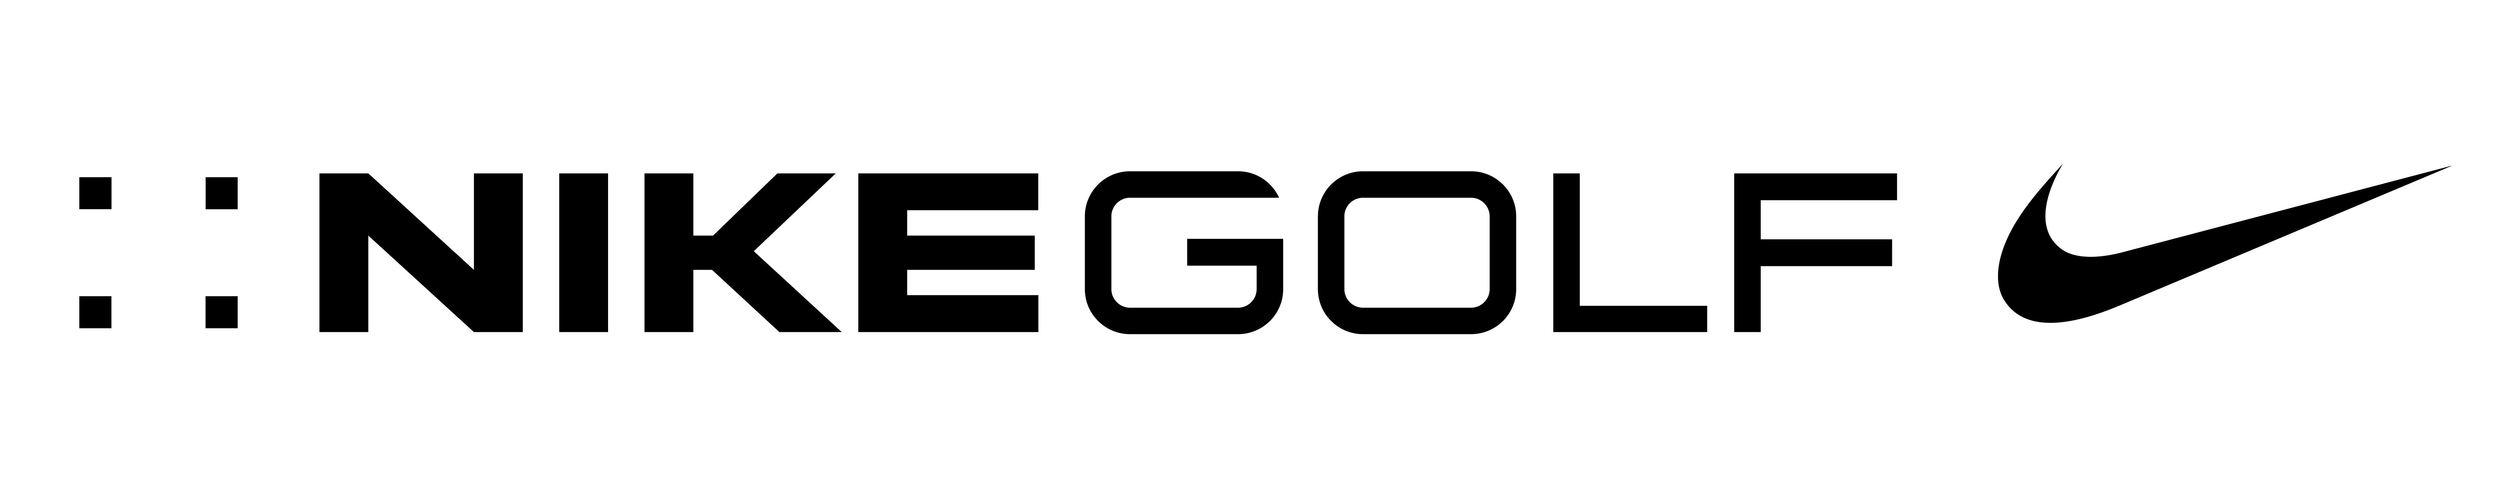 logos_nike.jpg